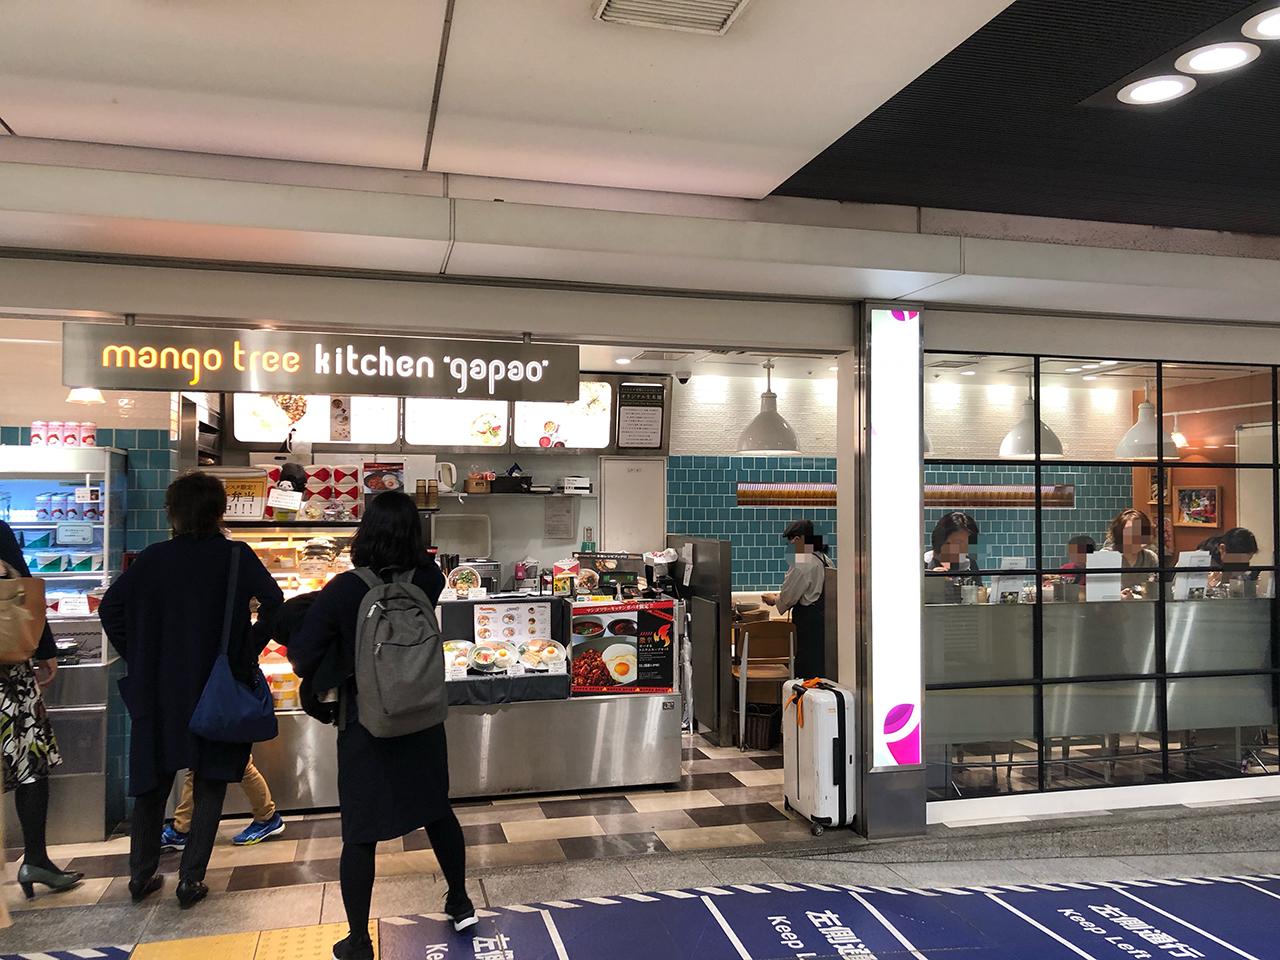 マンゴツリーキッチン 東京駅グランスタの外観